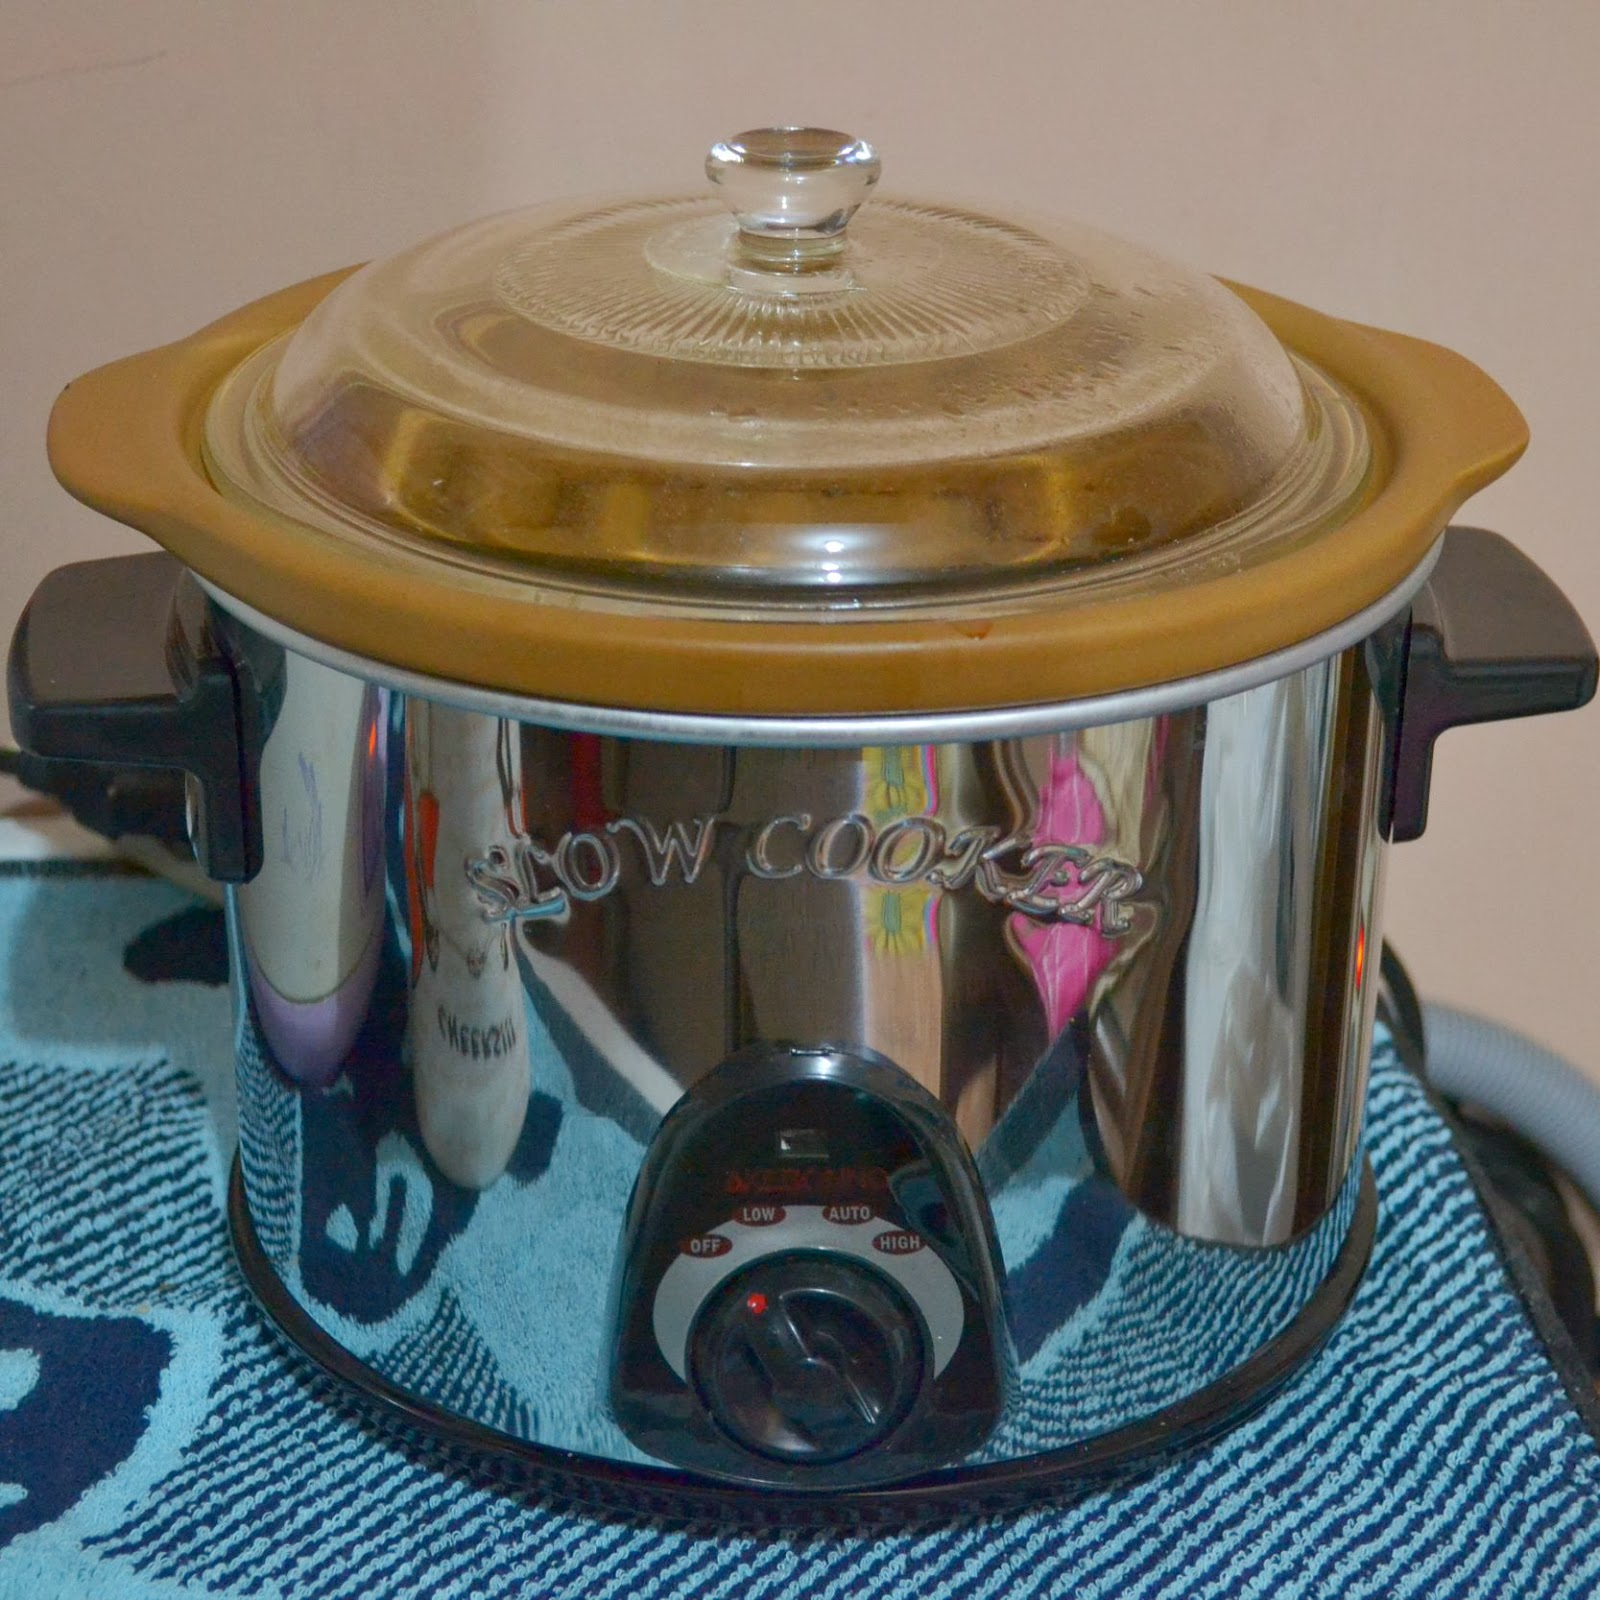 From My Little Kitchen Slow Cooker Aka Crock Pot Pemanas Air Akebonno Kapasitas Isi 8 Liter